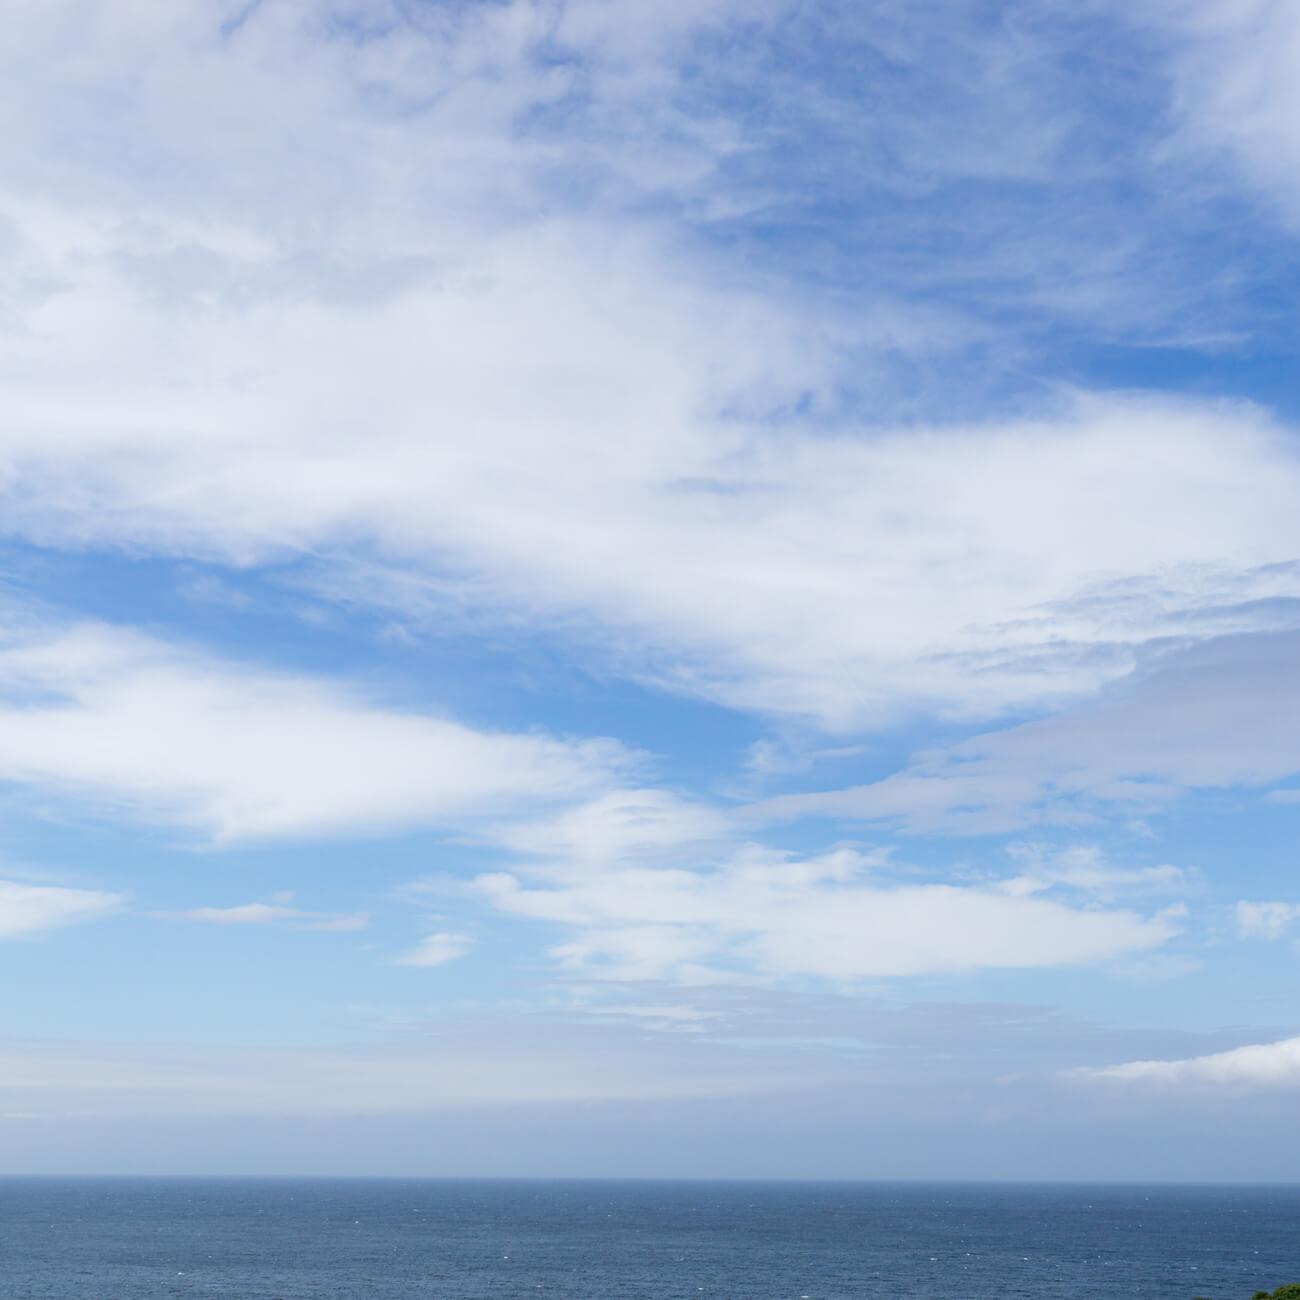 屋久島の空、海 屋久島海とジュエリーと オーダーメイドマリッジリングのモチーフ